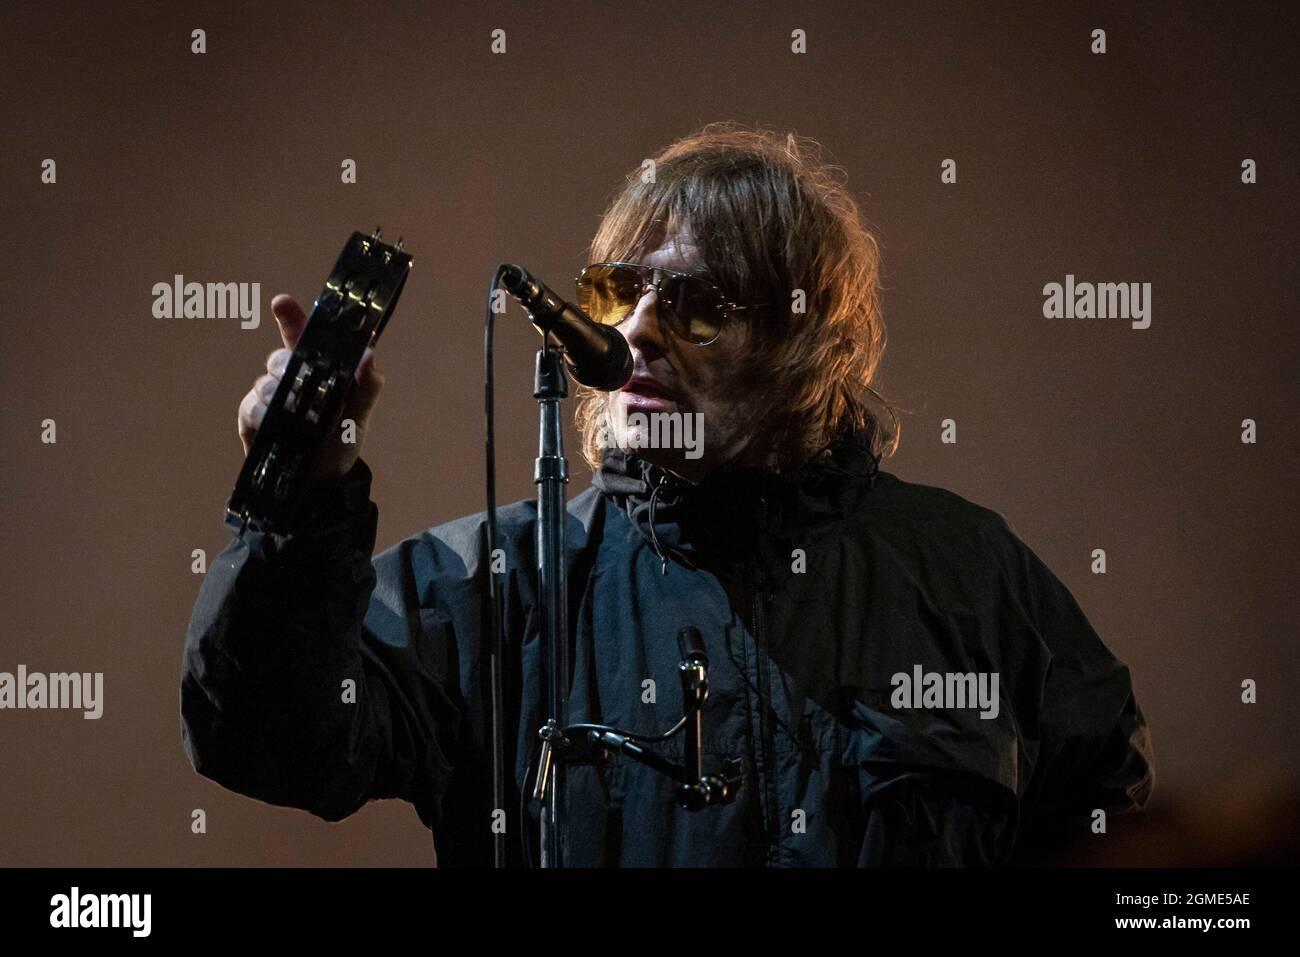 Newport, Isle of Wight, Großbritannien, Freitag, 17. September 2021 Liam Gallagher tritt live auf dem Isle of Wight Festival Seaclose Park auf. Kredit: DavidJensen / Empics Unterhaltung / Alamy Live Nachrichten Stockfoto